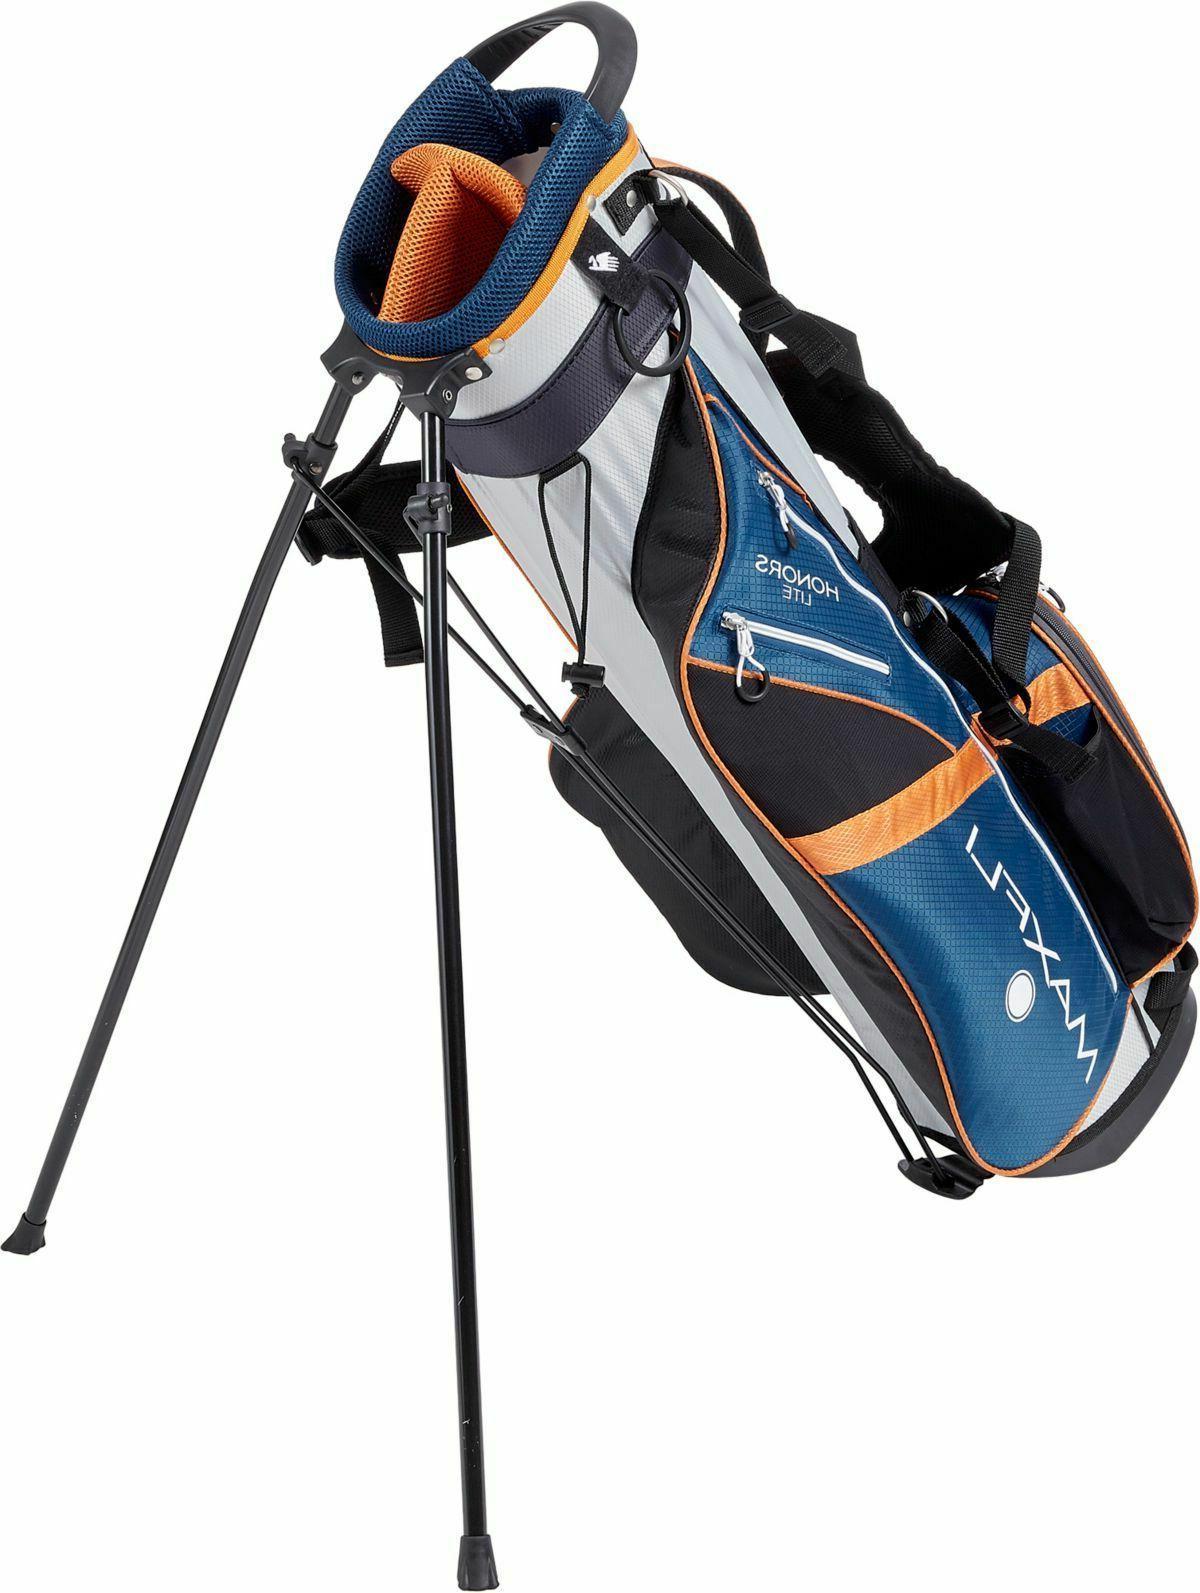 New Maxfli Golf Stand Divider Straps Blue